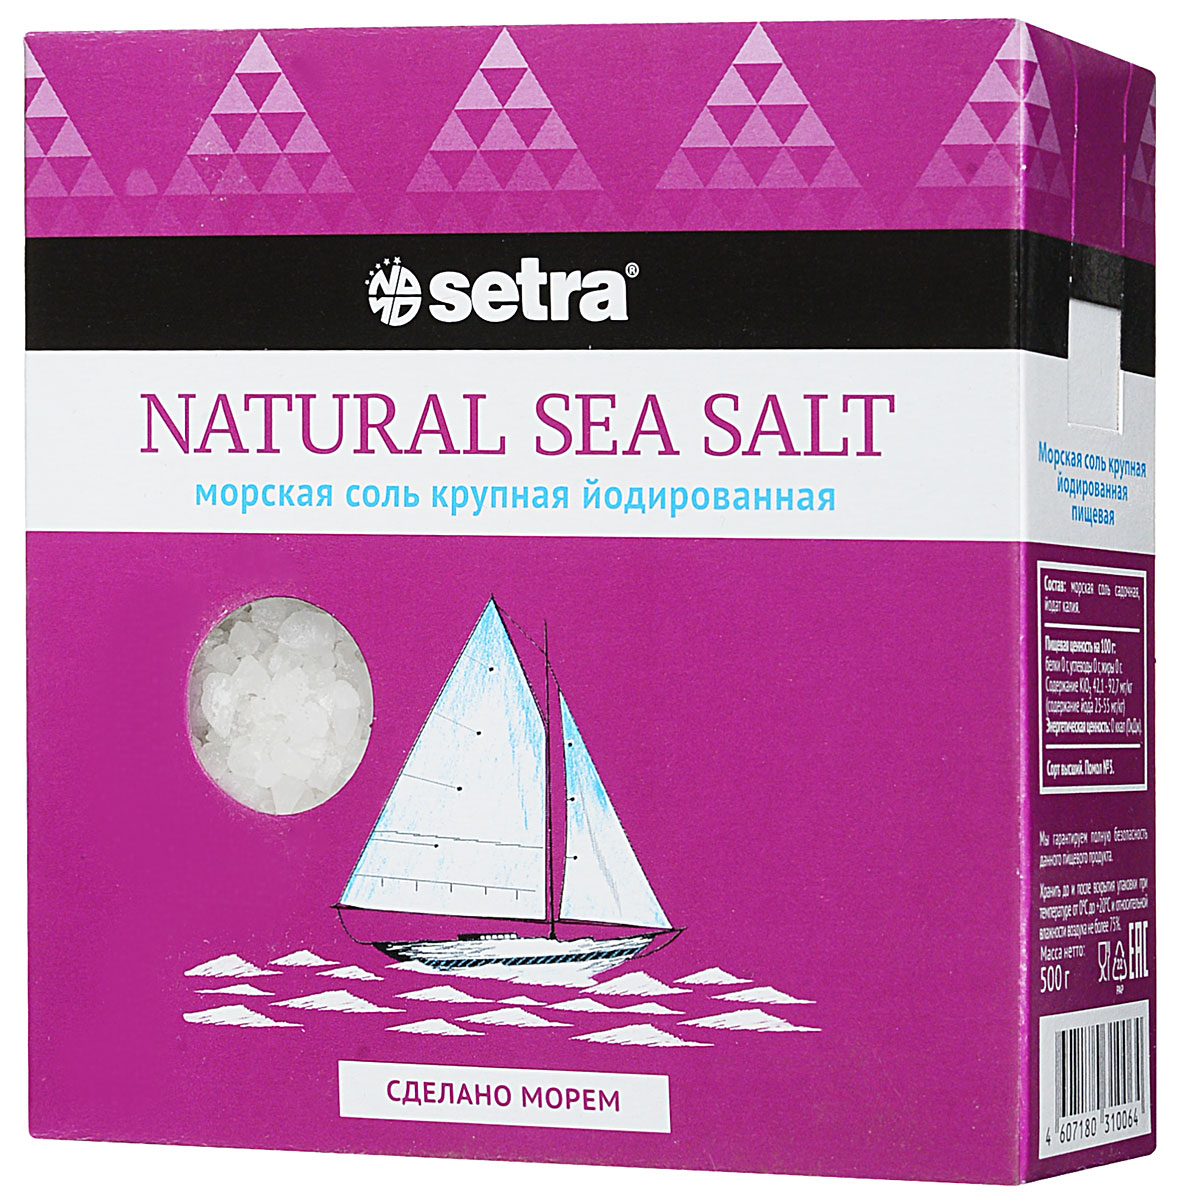 Соль Setra морская крупная йодированная, 500 г setra печень трески натуральная 120 г